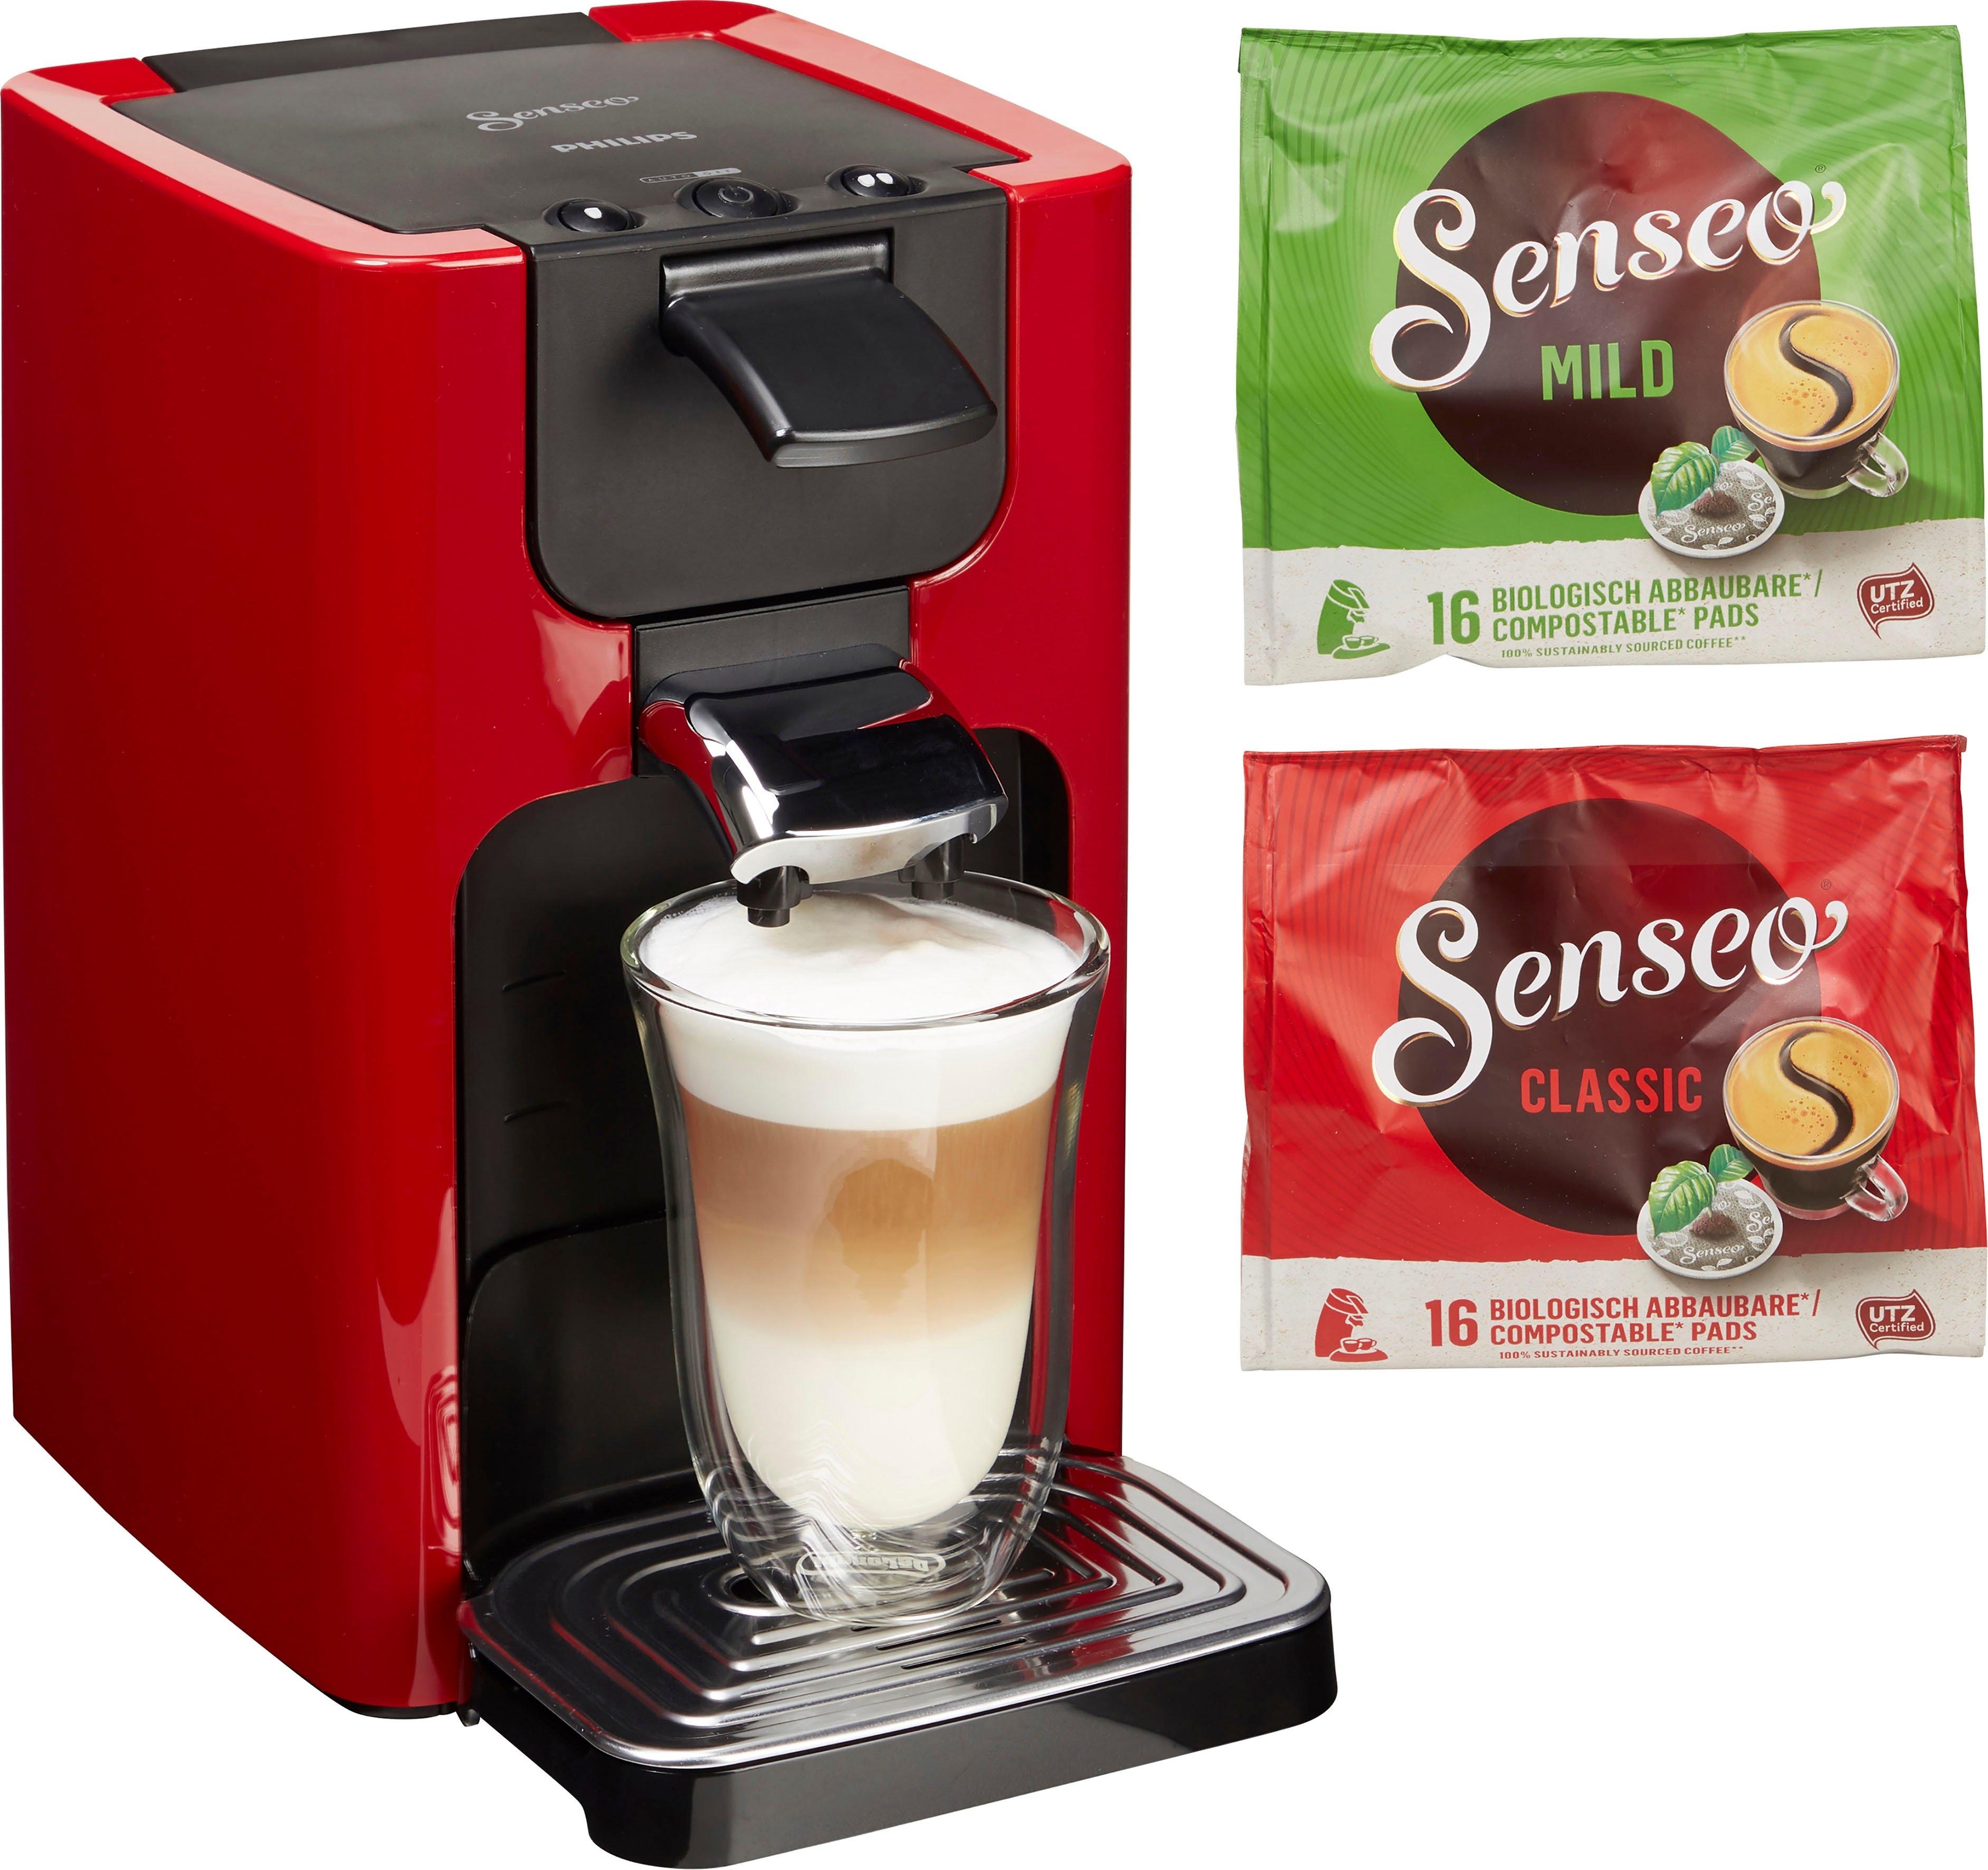 Senseo -koffiepadautomaat HD7865/00 Quadrante, met Coffee Boost, XL waterreservoir, wit voordelig en veilig online kopen